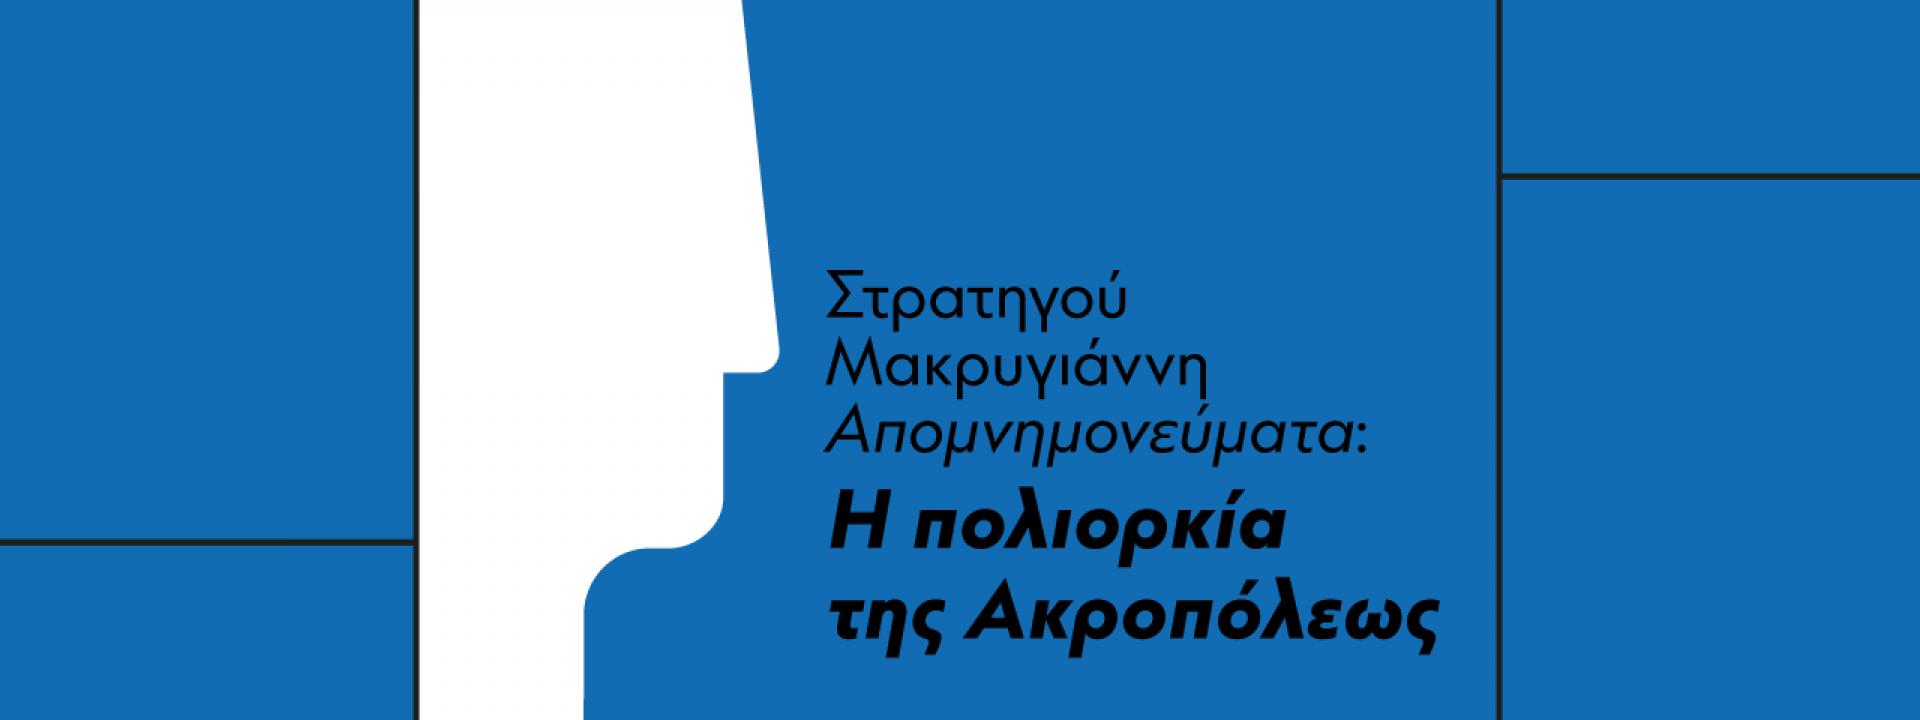 Παραβάσεις: Πρόσωπα του Ήρωα | Στρατηγού Μακρυγιάννη, Απομνημονεύματα: η πολιορκία της Ακροπόλεως - Εικόνα